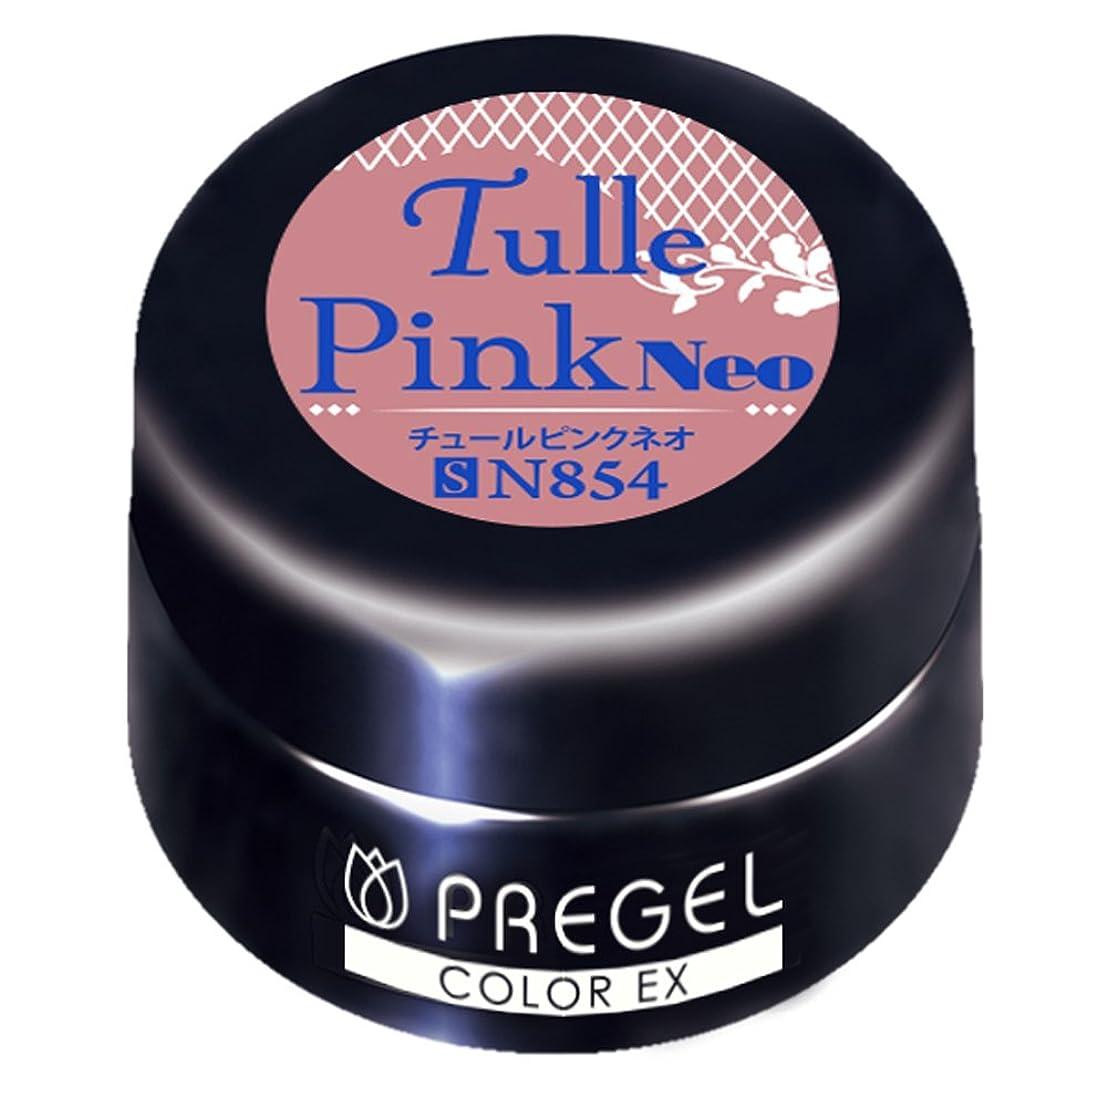 気分蛇行凝縮するPRE GEL カラーEX チュールピンクneo854 3g UV/LED対応